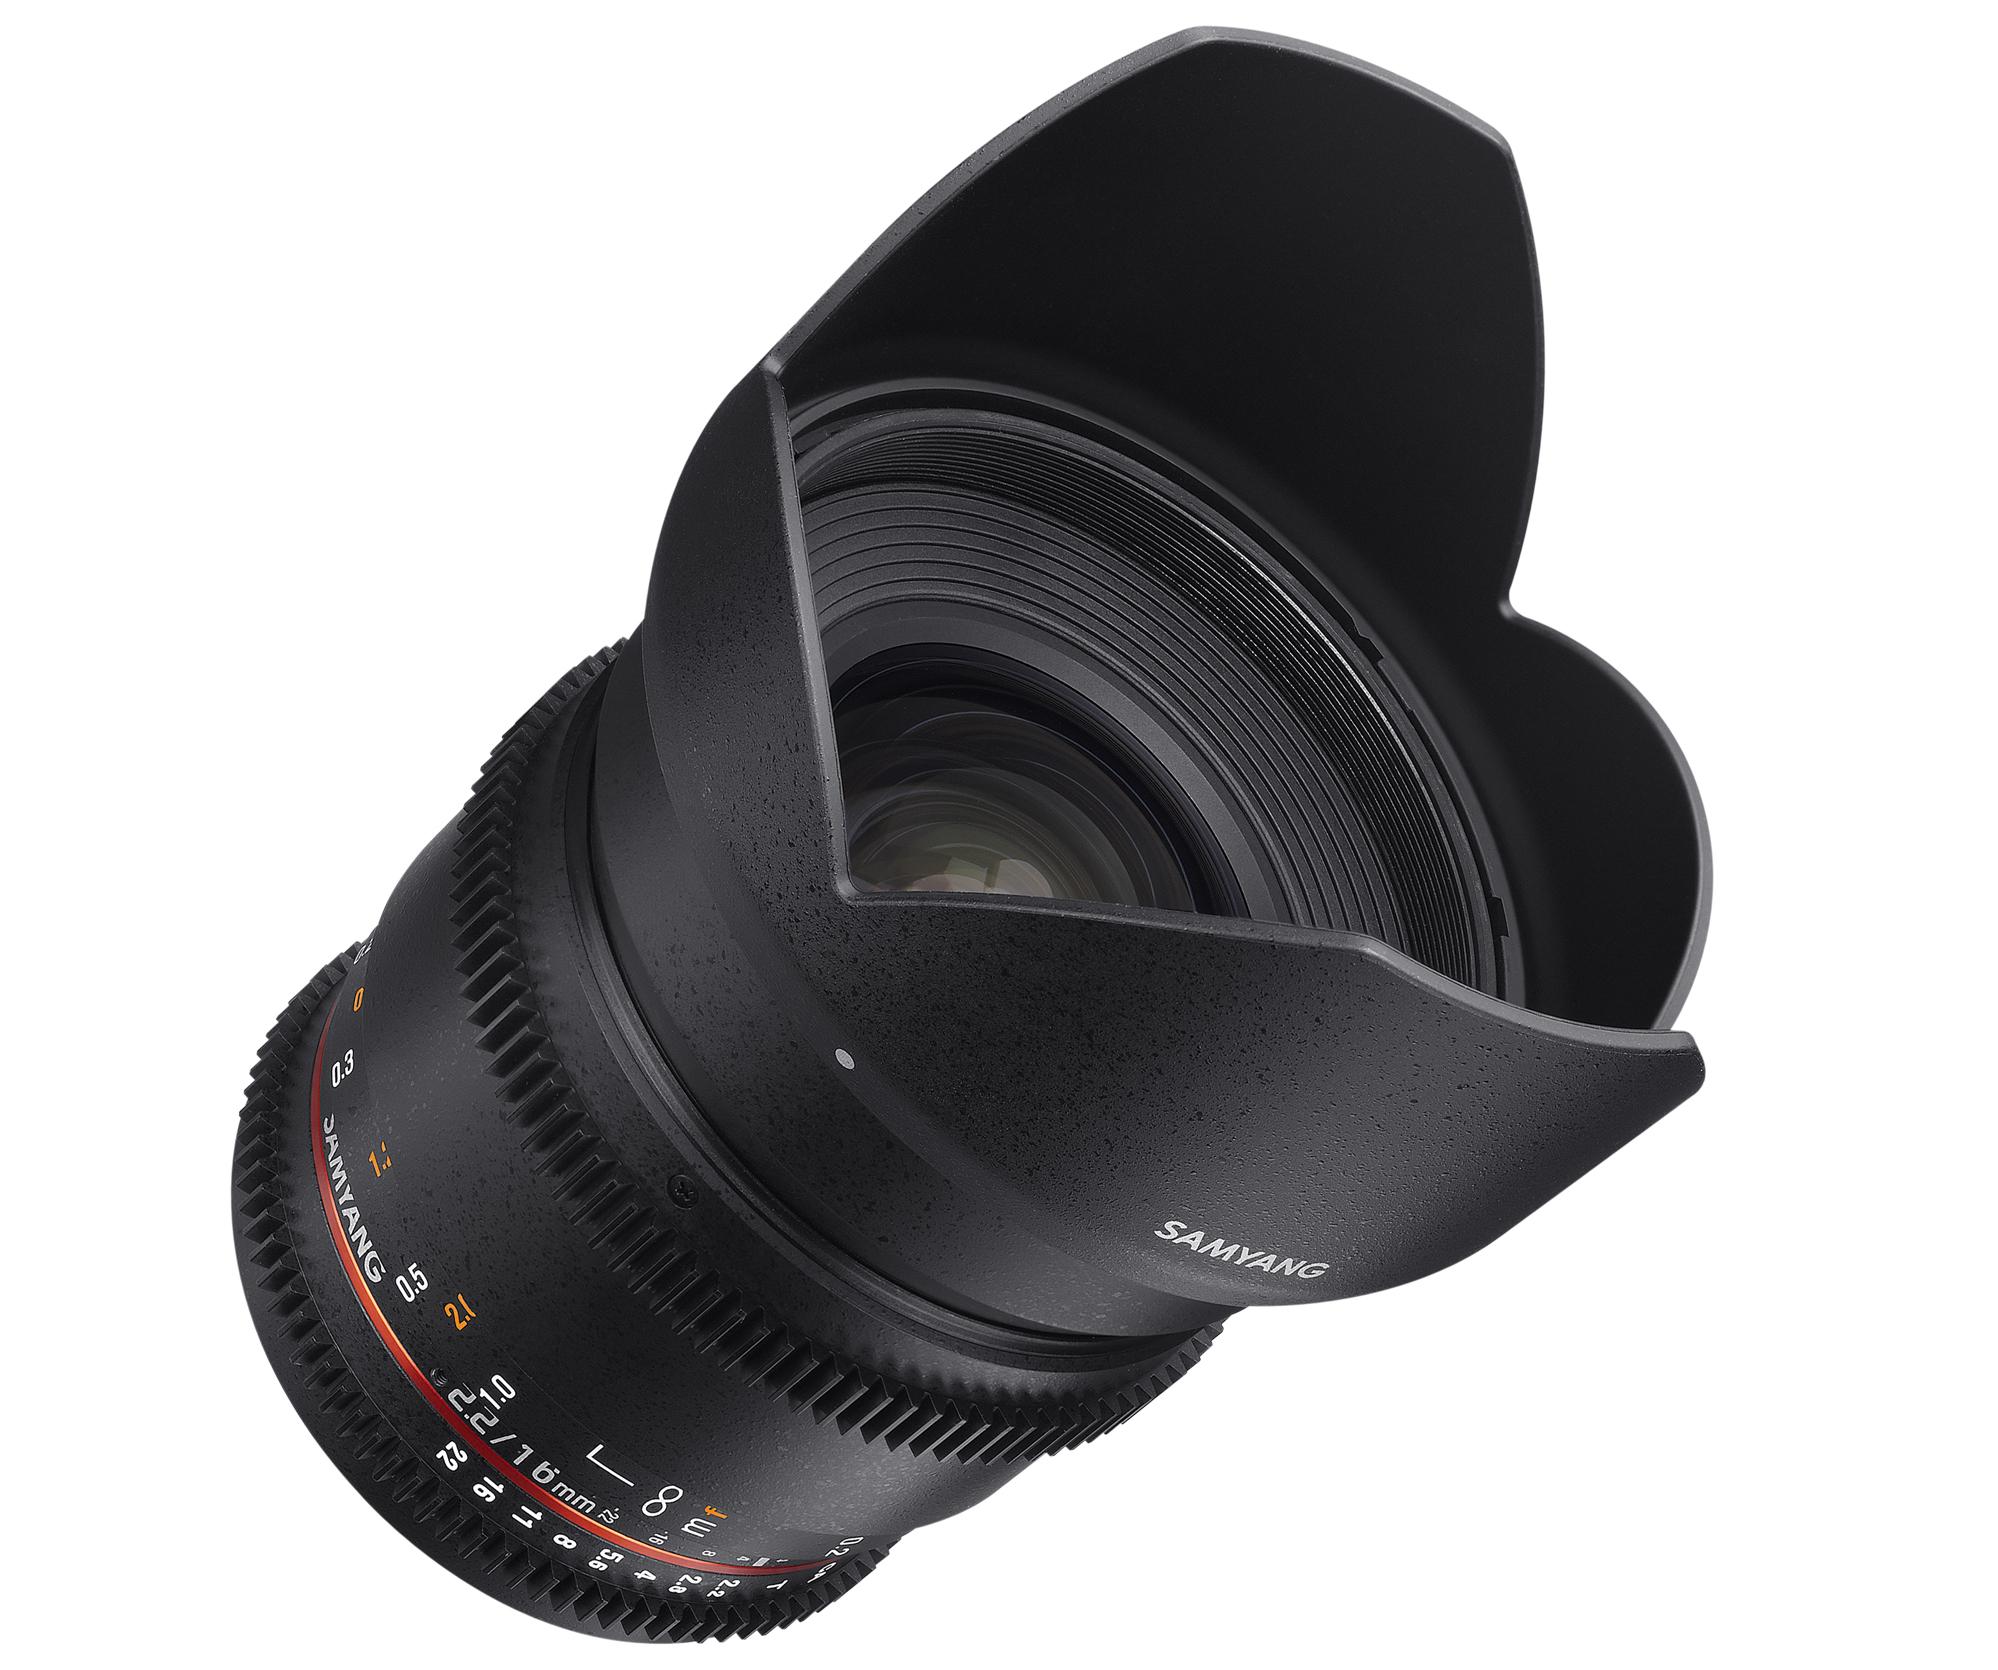 16mm T2.2 VDSLR  ED AS UMC CS II画像02